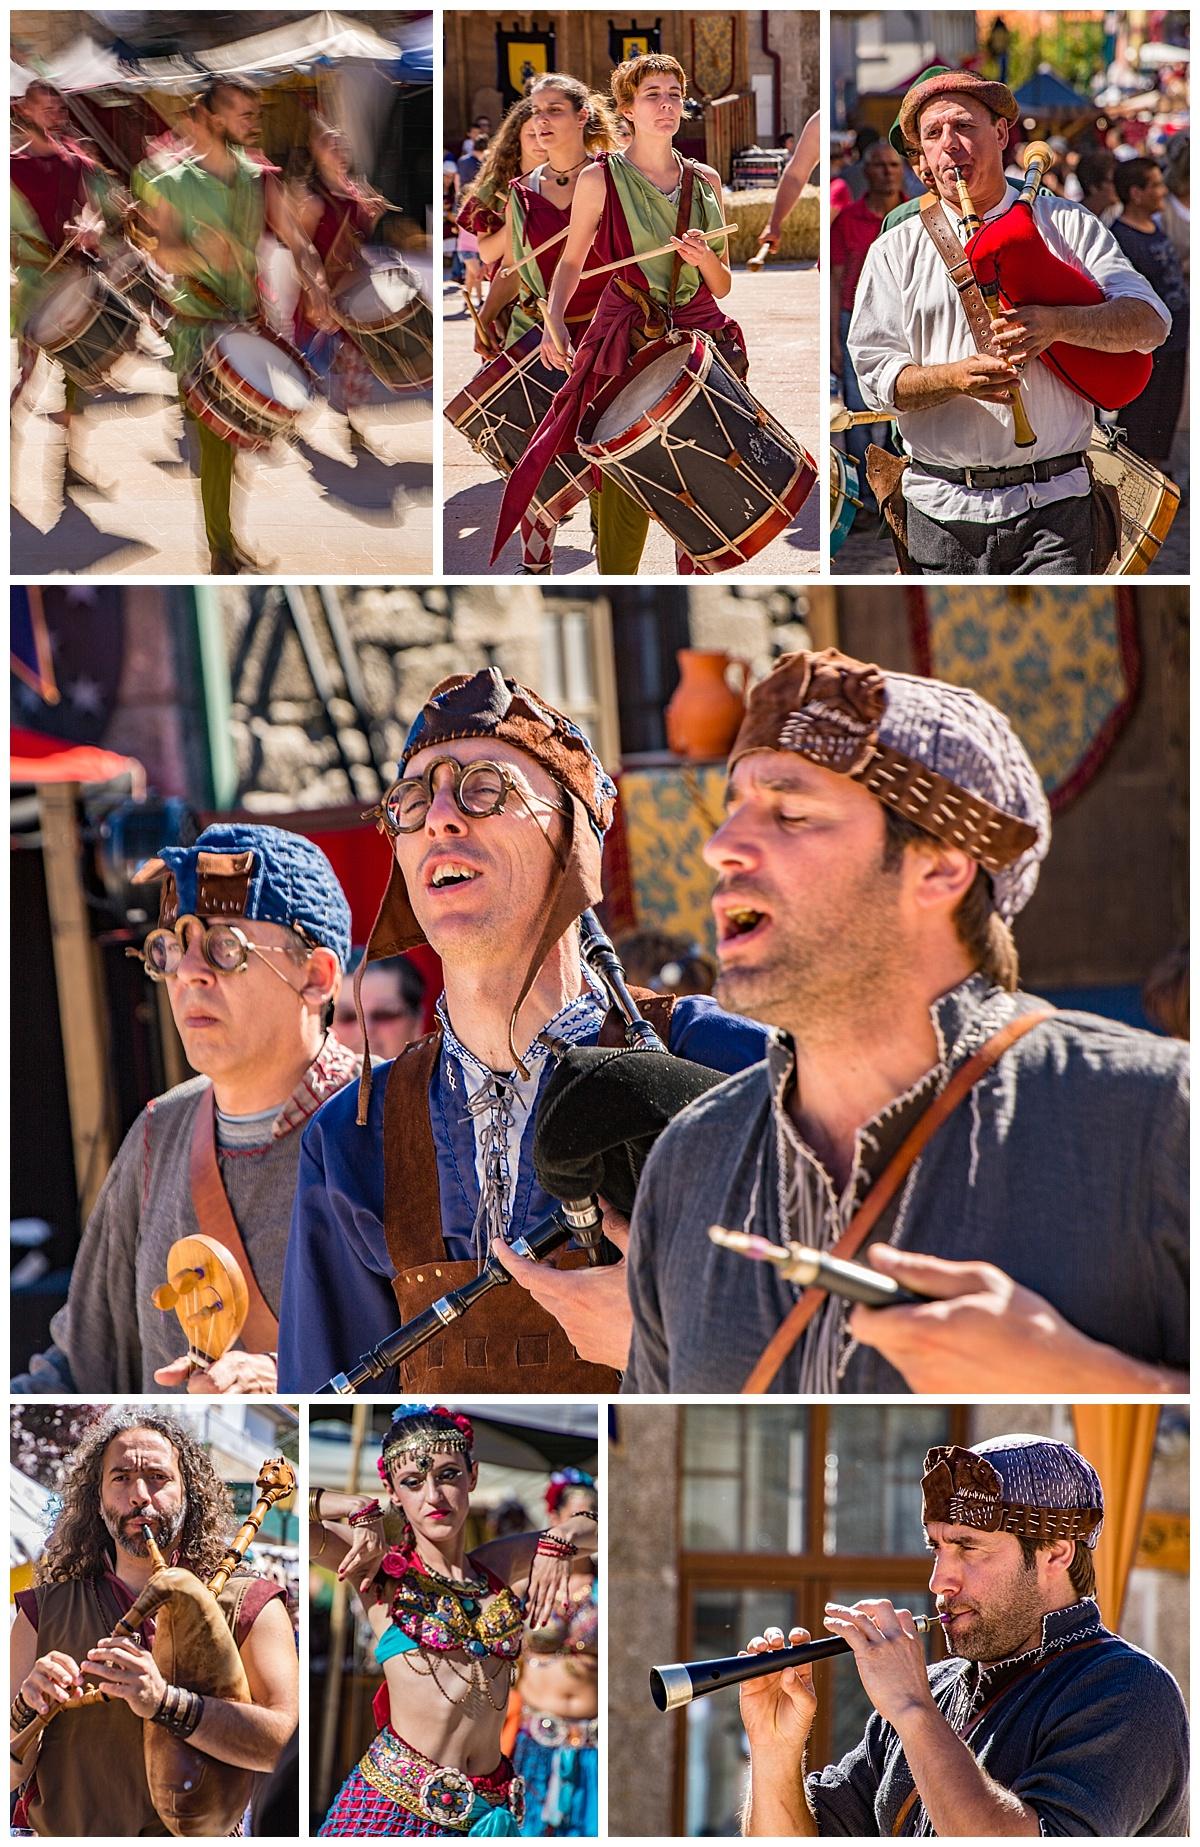 Feira Medieval Festival - music